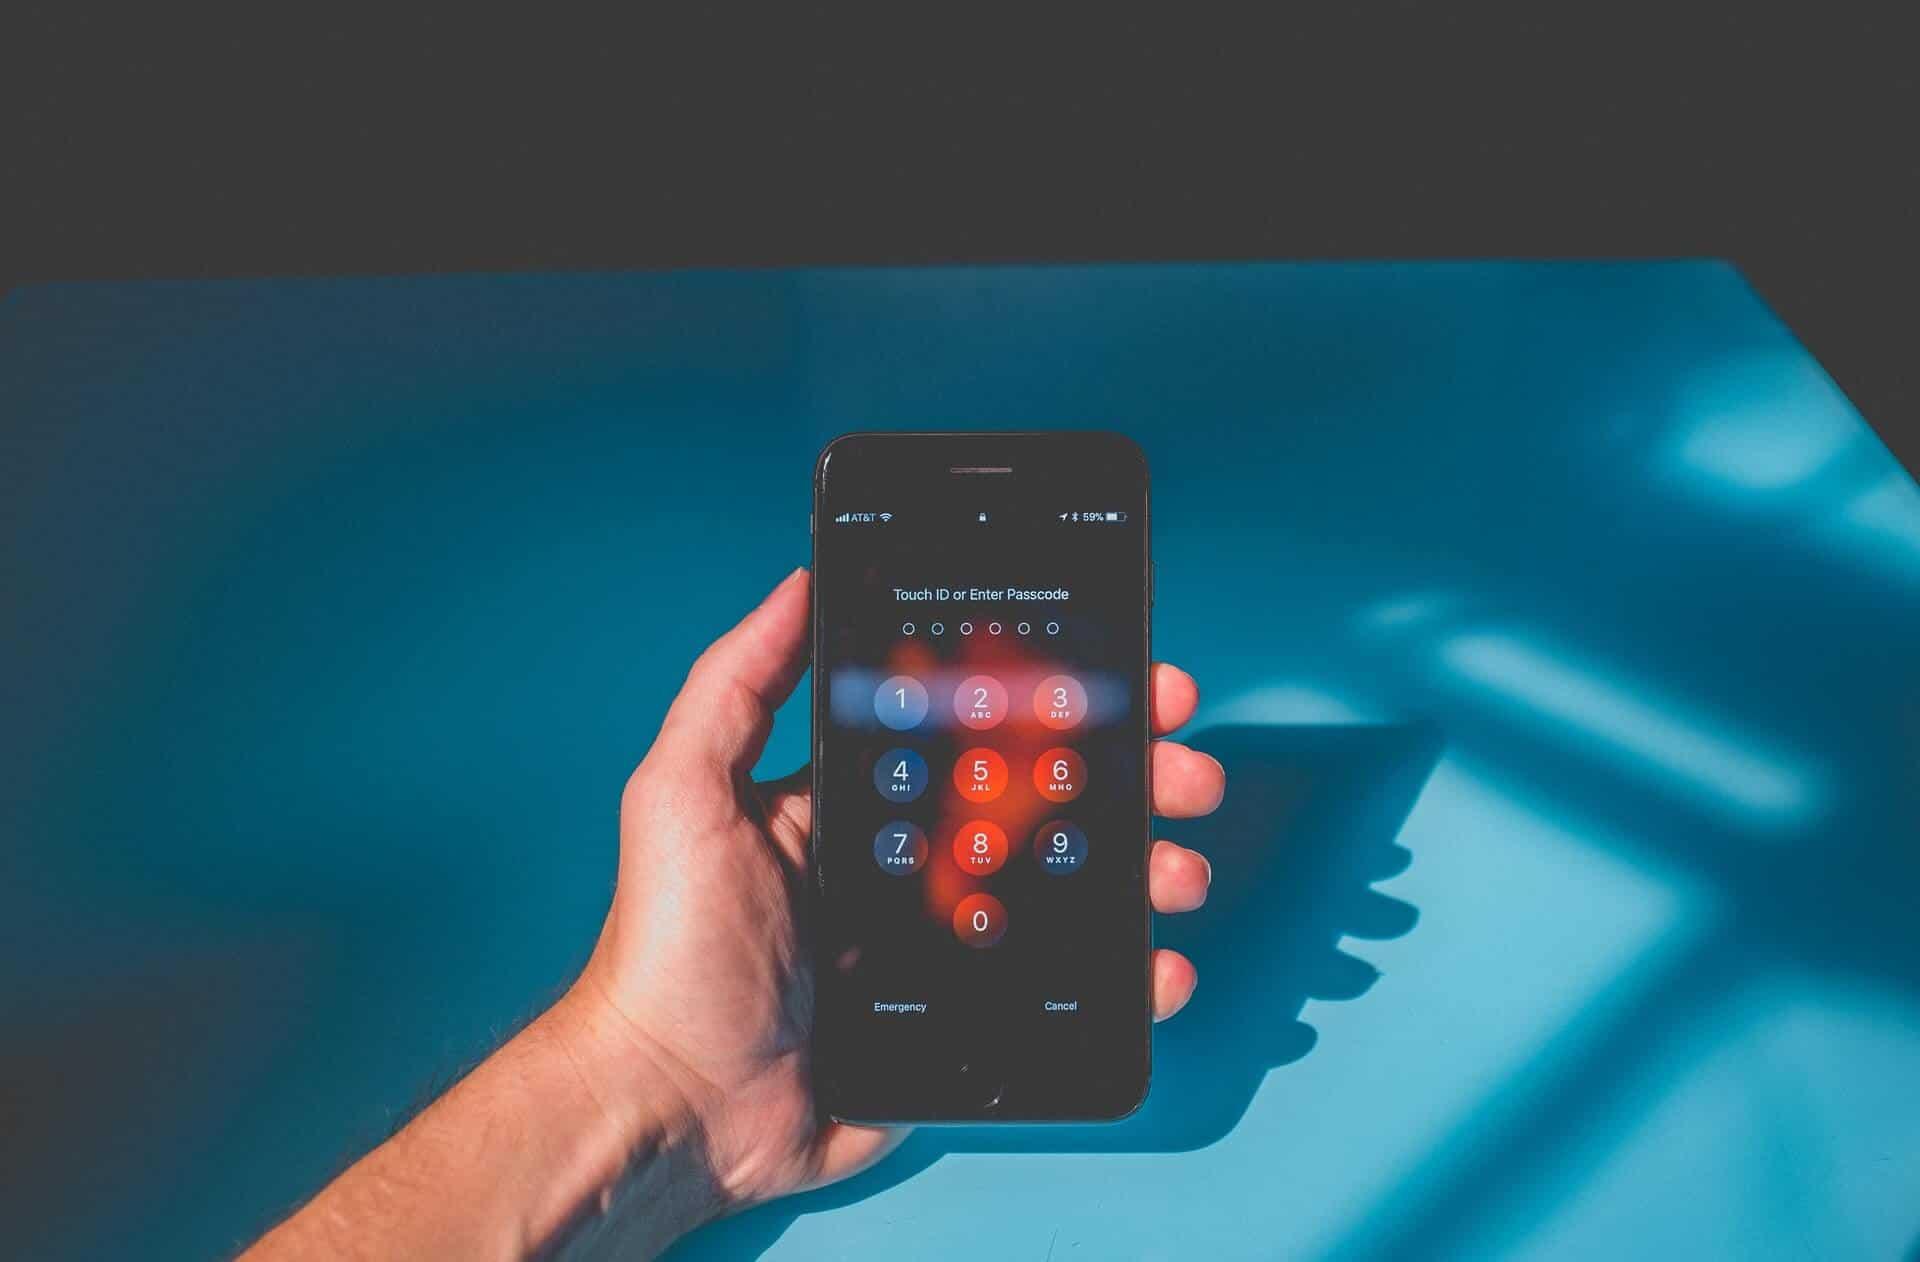 دراسة: المستخدمون يختارون كلمات سر أضعف من سابقاتها بعد الاختراقات الأمنية